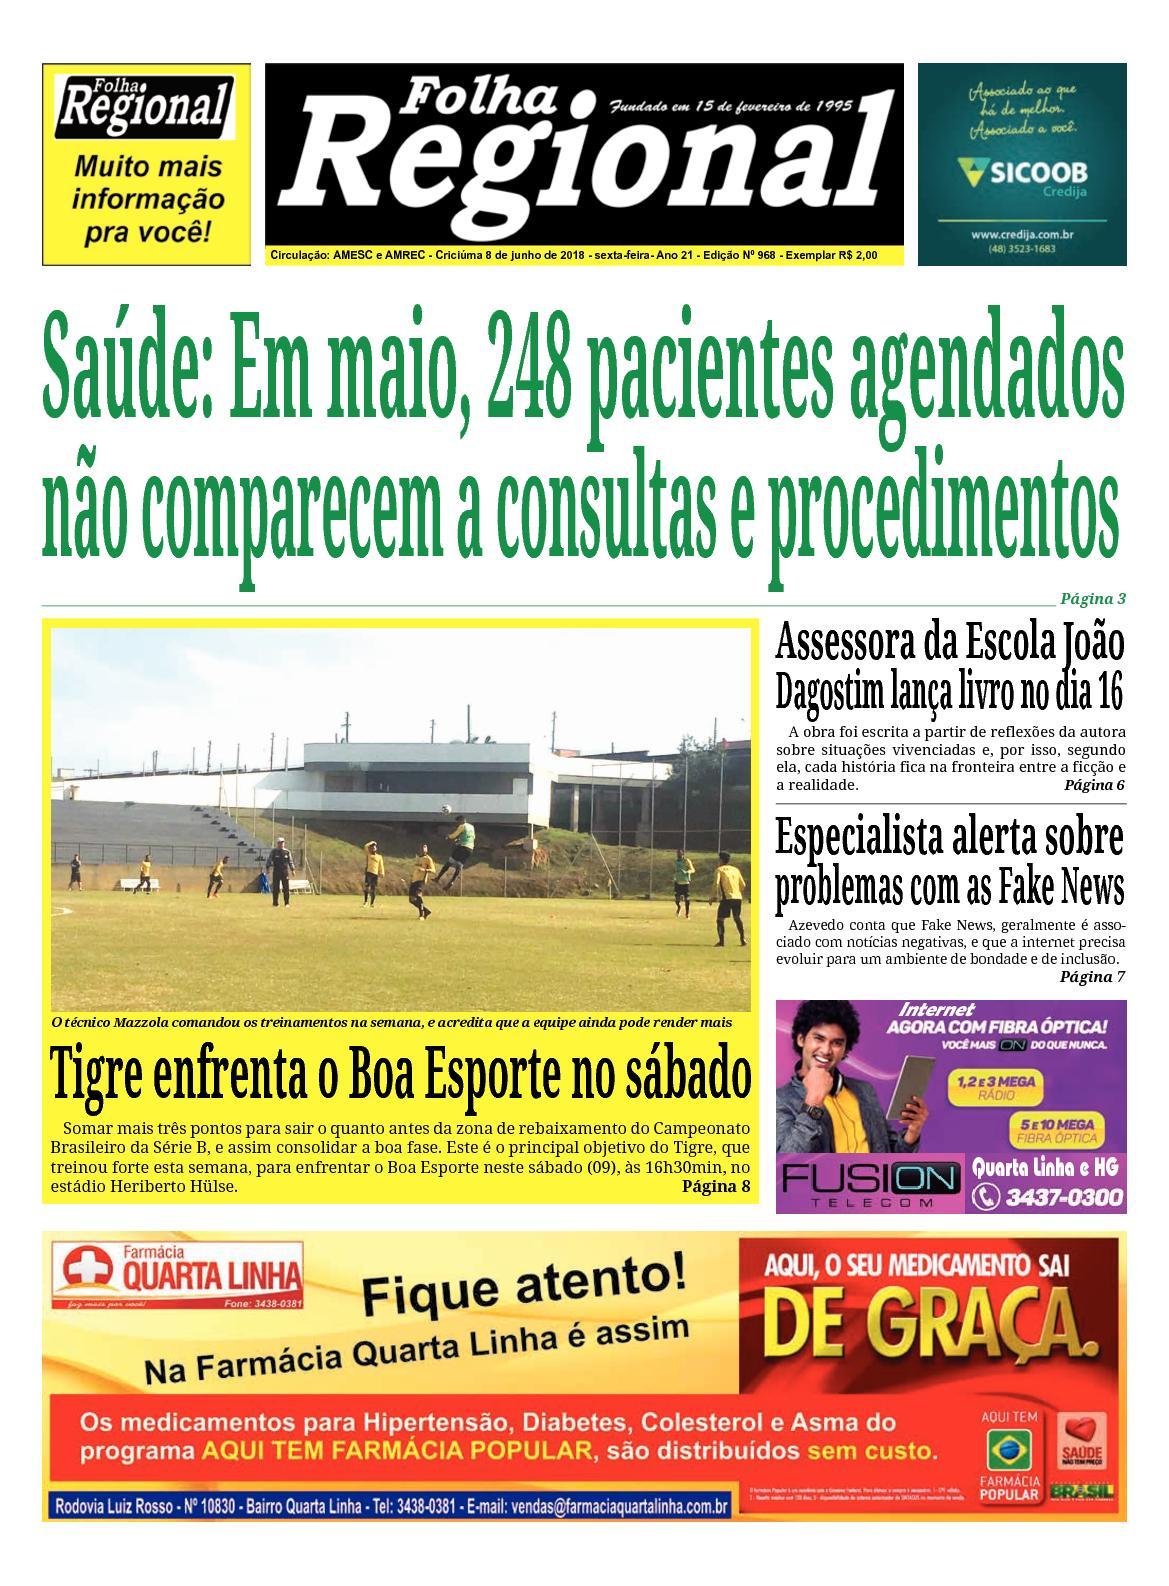 Calaméo - Folha Regional Ed.968 - 08 06 2018 f9fac97dd4